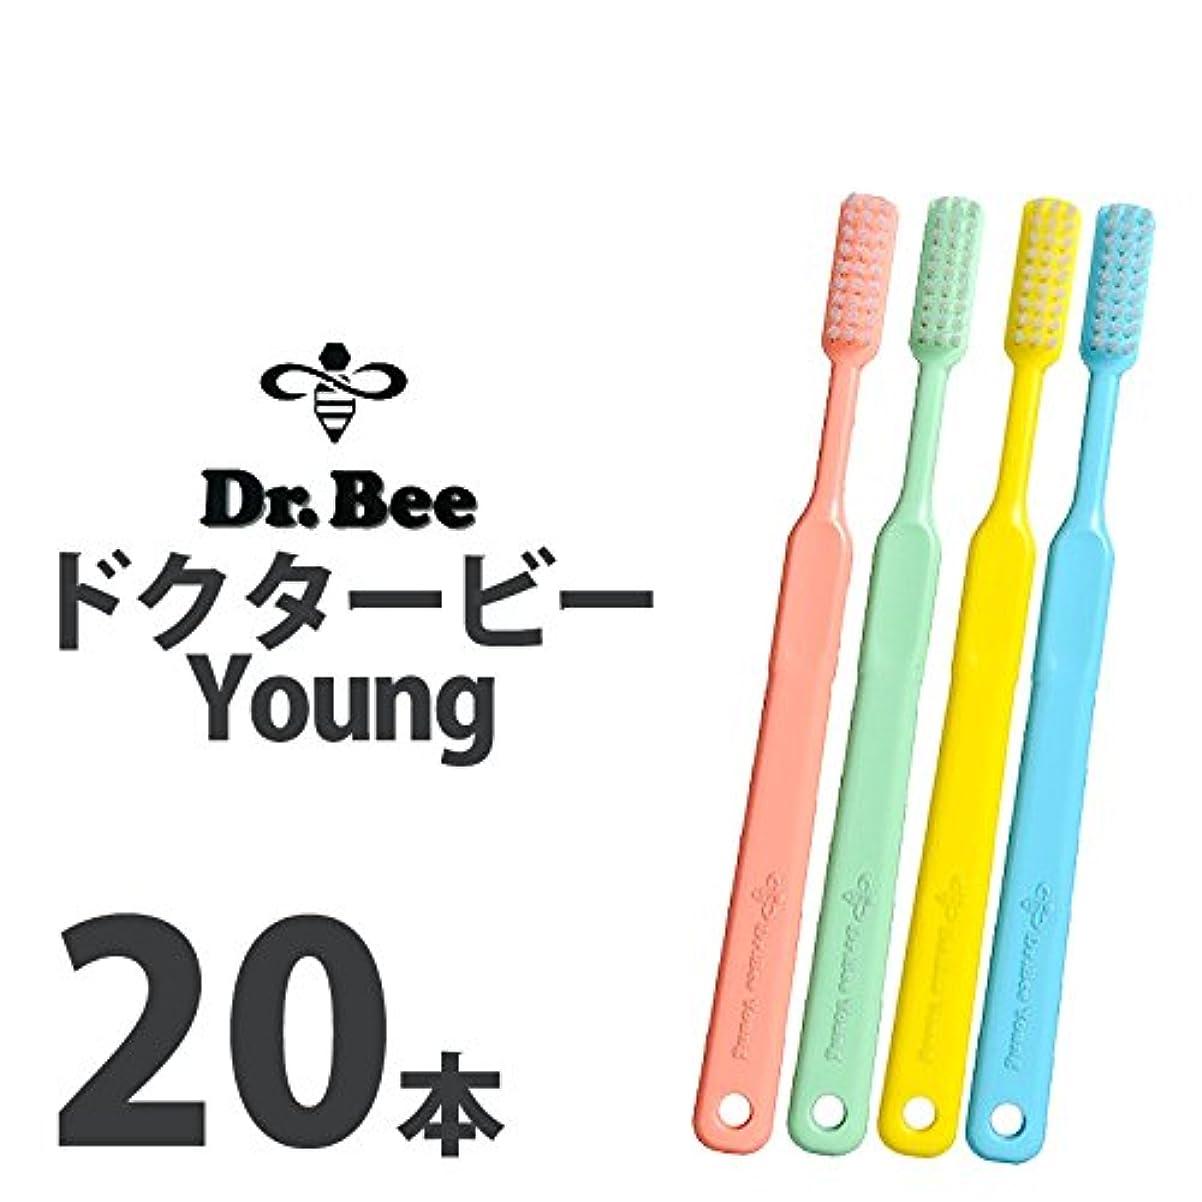 医療の番号作曲するビーブランド ドクタービー Dr.Bee ヤング 4色アソート ソフト やわらかめ 20本